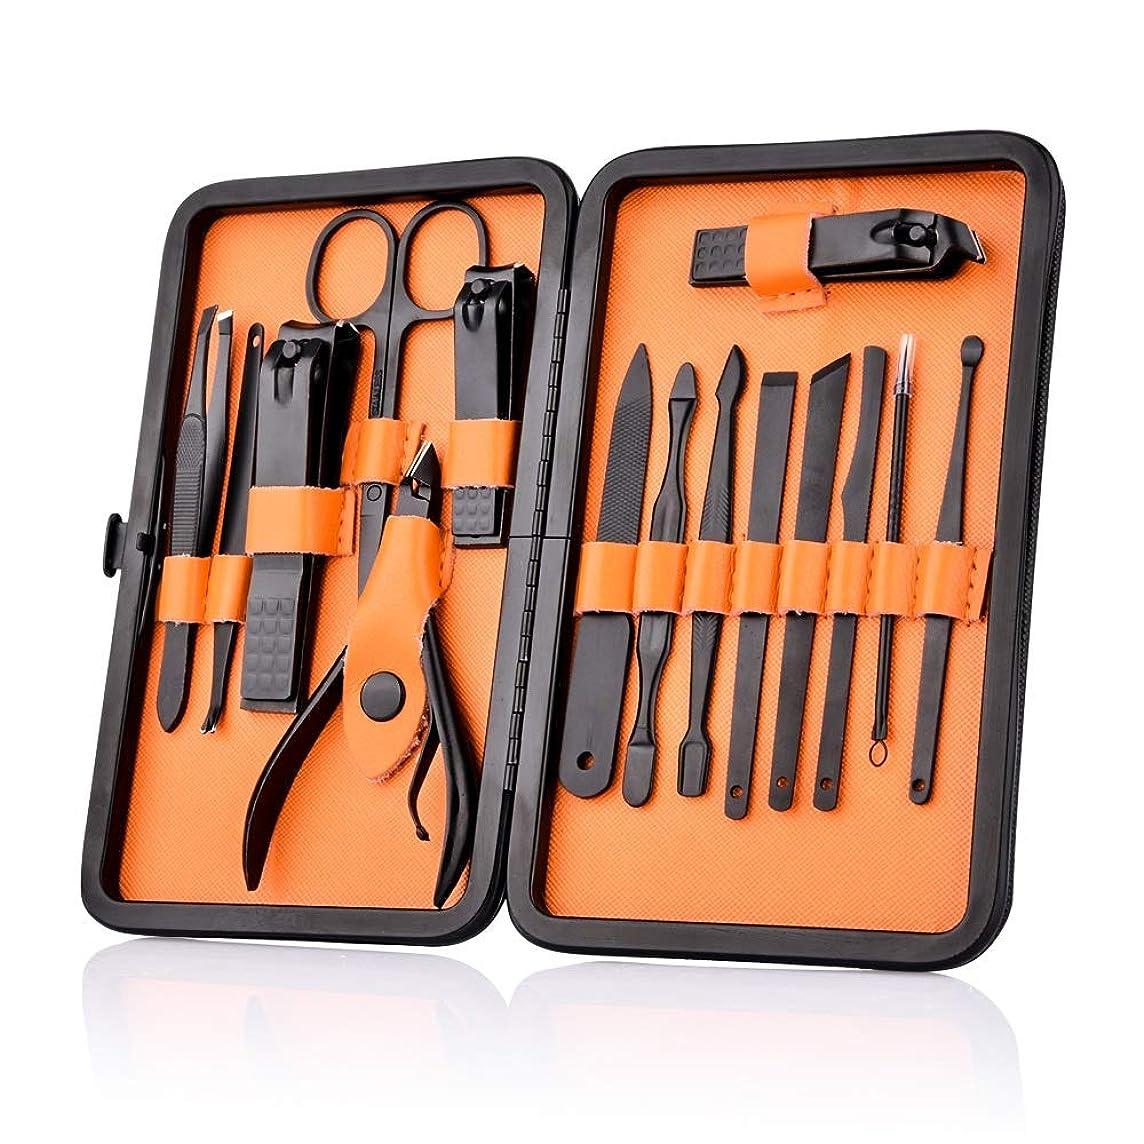 利得れんがメロディー15 in 1 Nail Clipper Kit With Case Nail Care Set Pedicure Cutters Scissor Tweezers Knife Professional Manicure Set Tools 爪クリッパーキットケースネイルケアセットペディキュアカッター鋏ピンセットナイフプロフェッショナルマニキュアセットツール